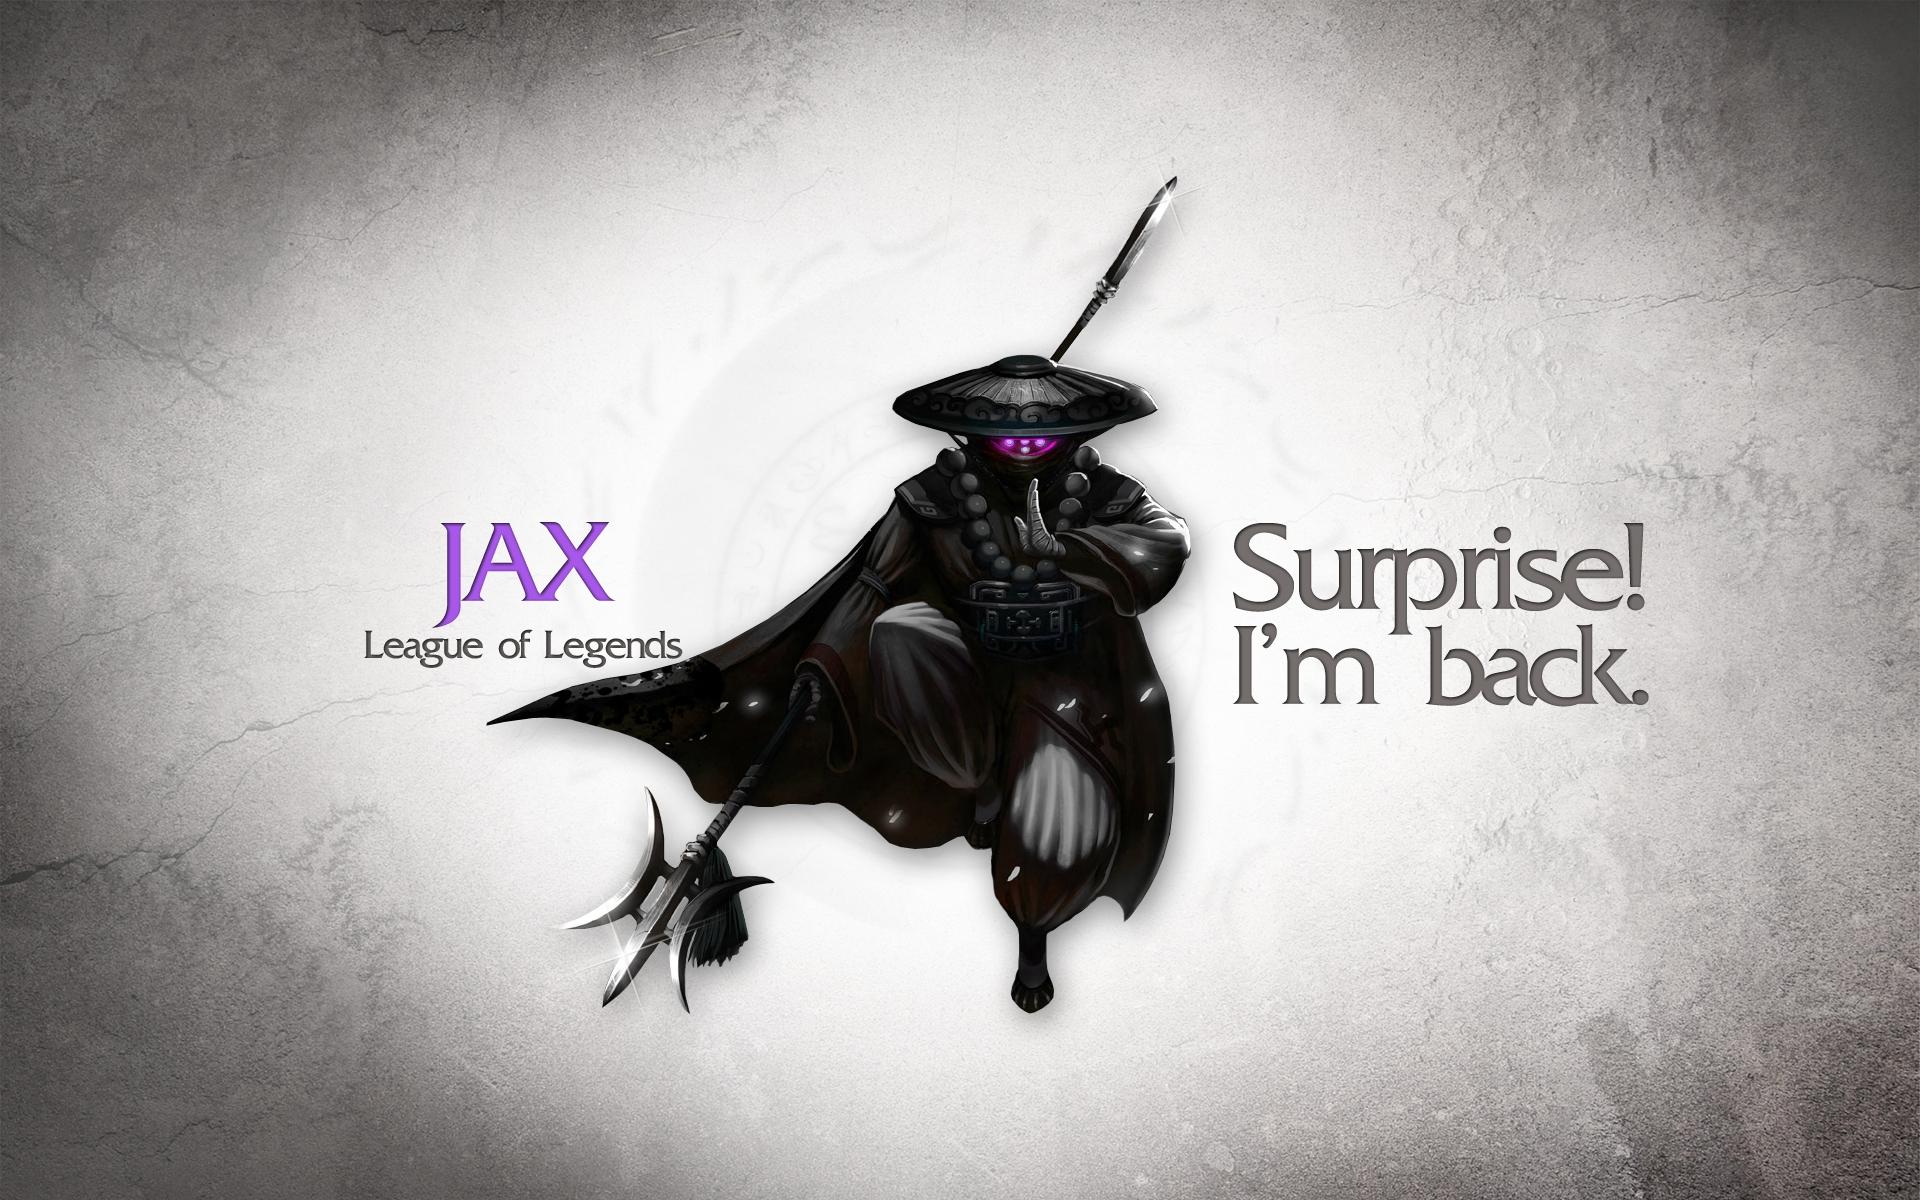 Jax, La liga de leyendas - 1920x1200